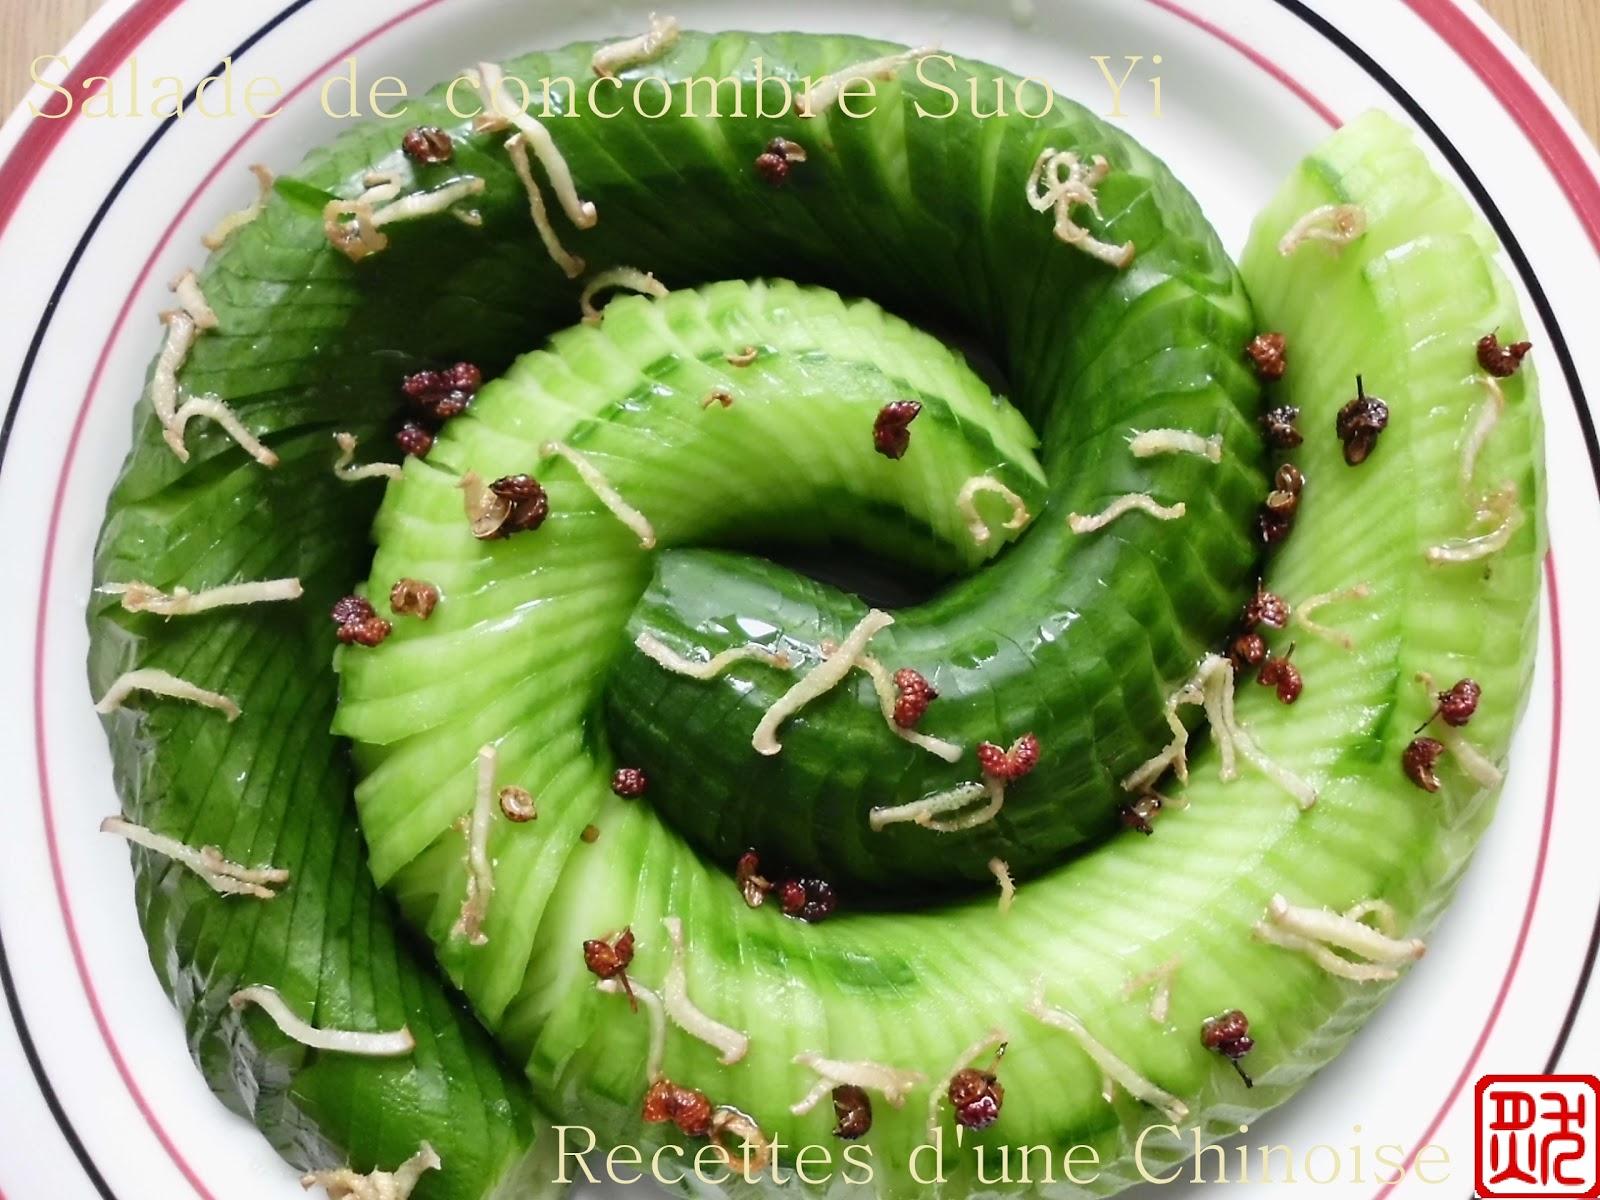 recettes d 39 une chinoise salade de concombre suo yi su y hu ng gu. Black Bedroom Furniture Sets. Home Design Ideas